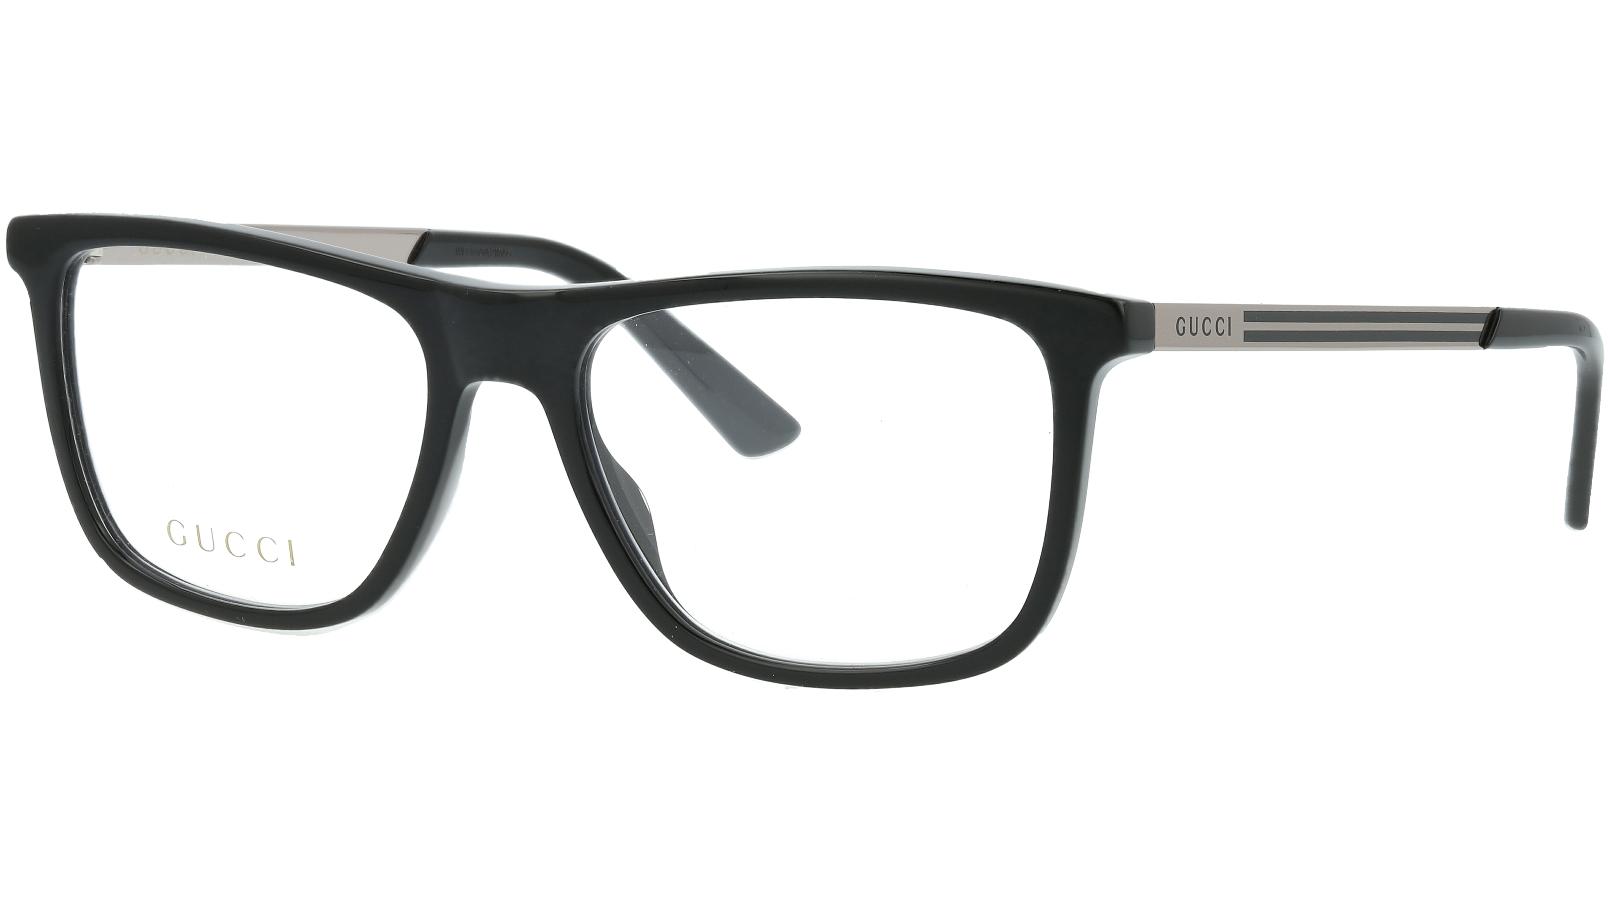 Gucci GG0691O 001 54 Black Rectangle Glasses